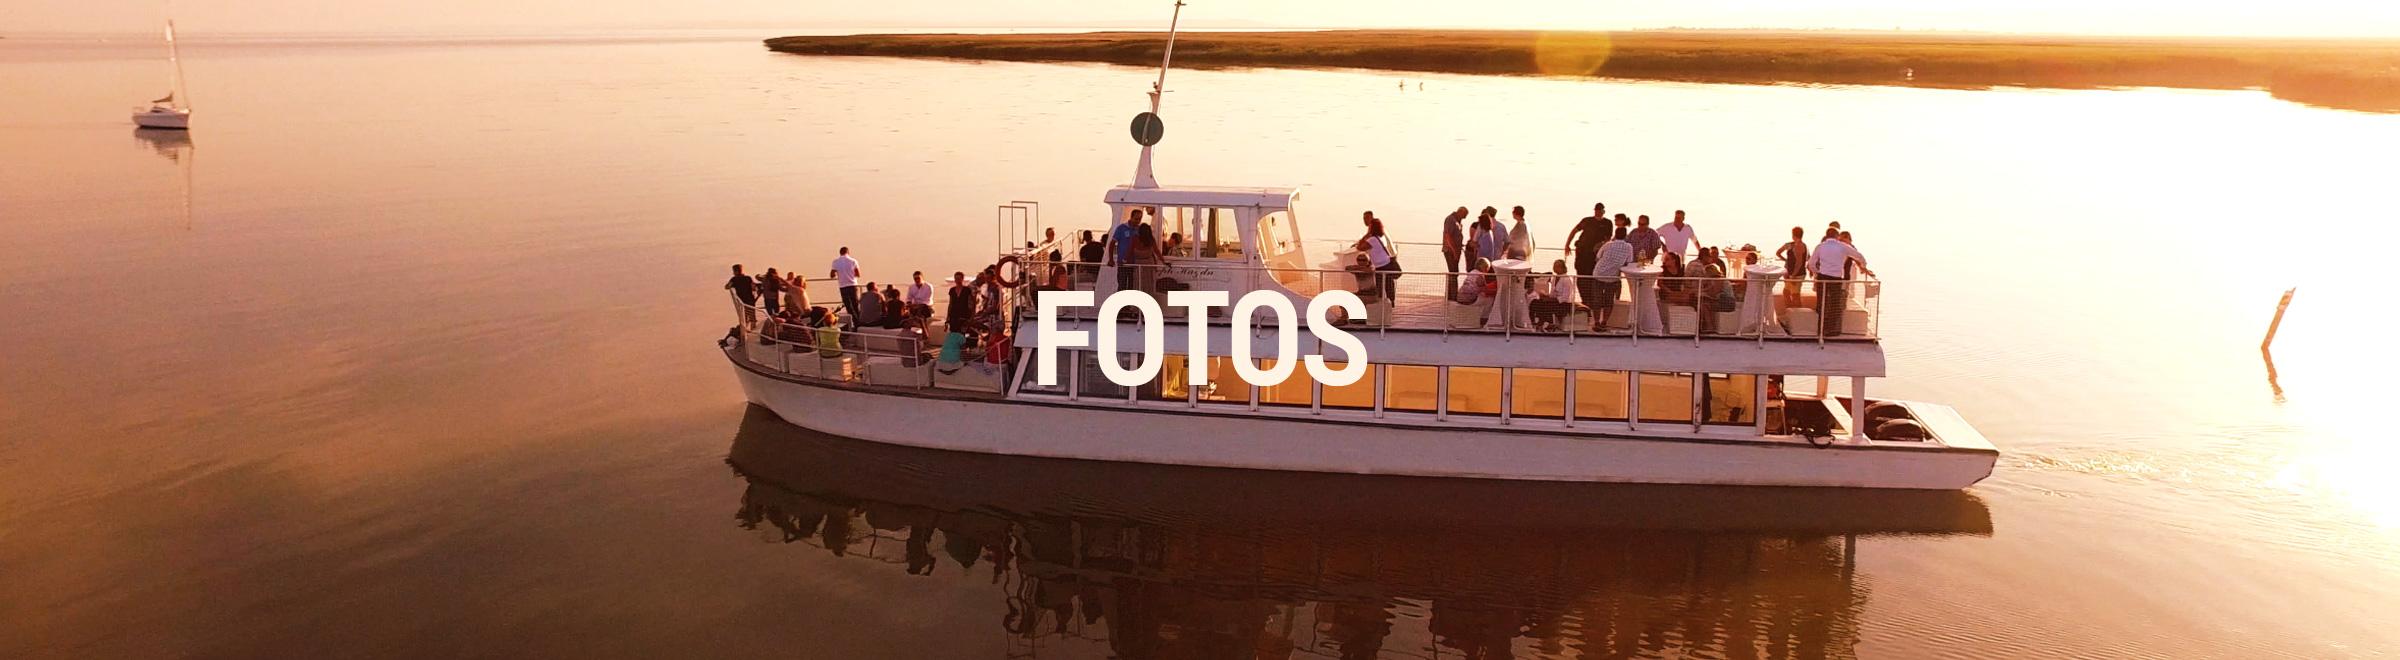 header_fotos